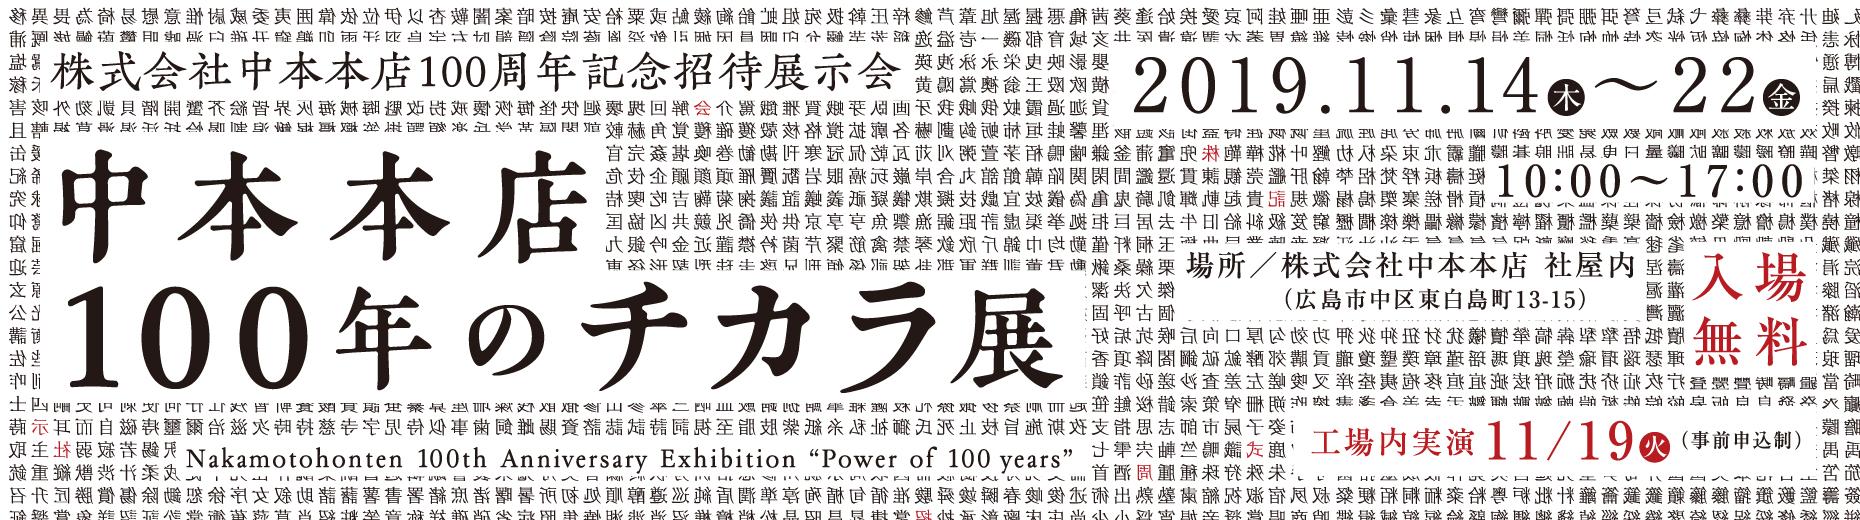 100年のチカラ展開催|株式会社中本本店